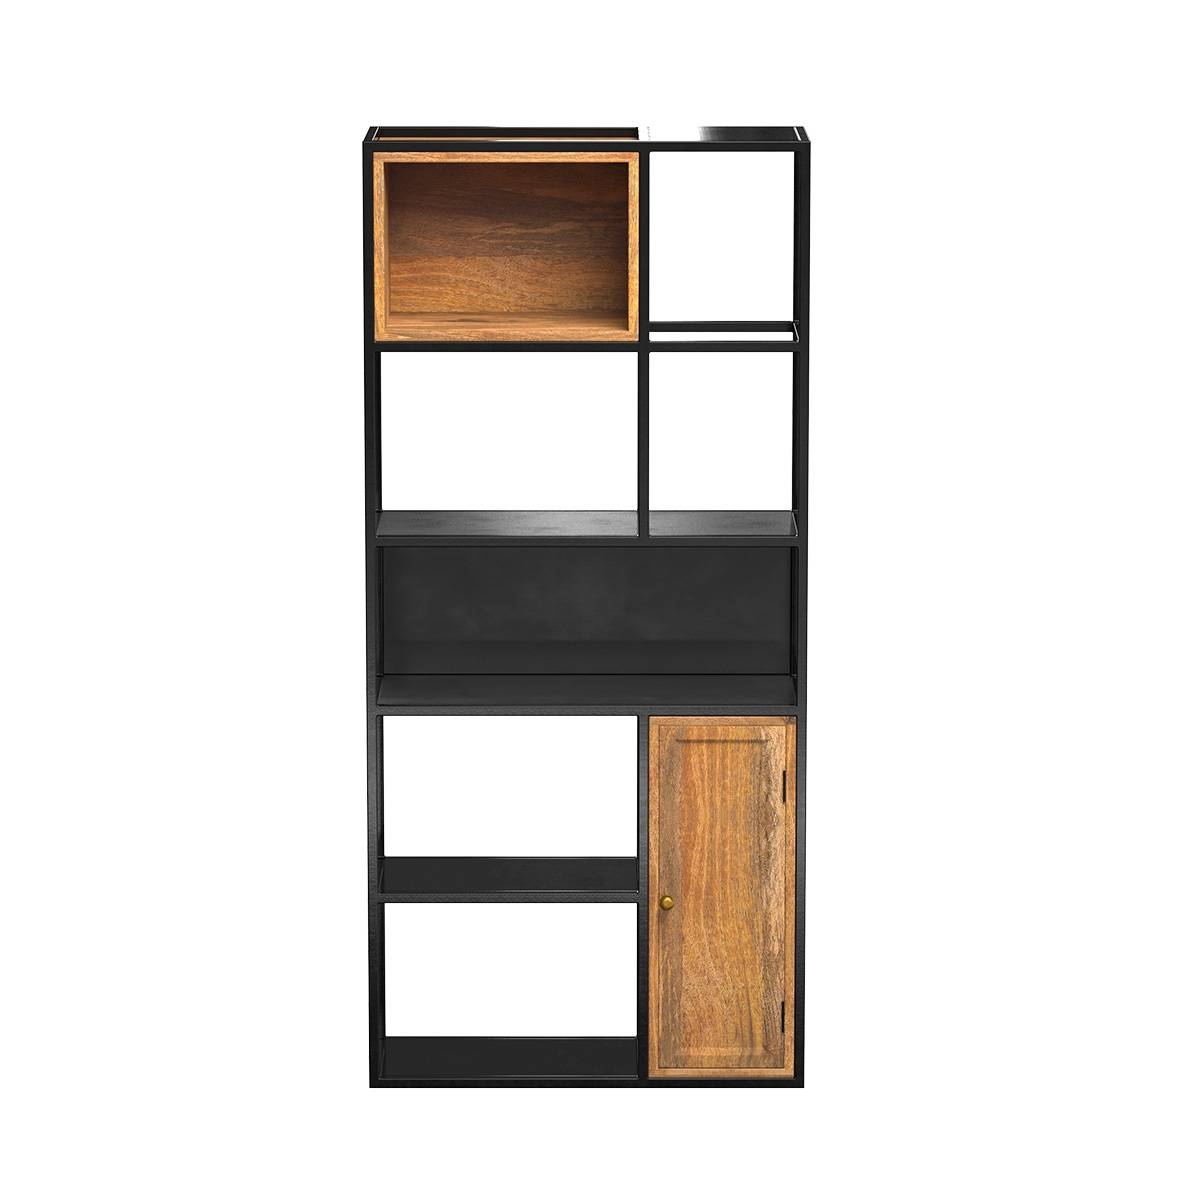 Rendez vous déco Etagre 5 niveaux en métal noir et bois 1 porte